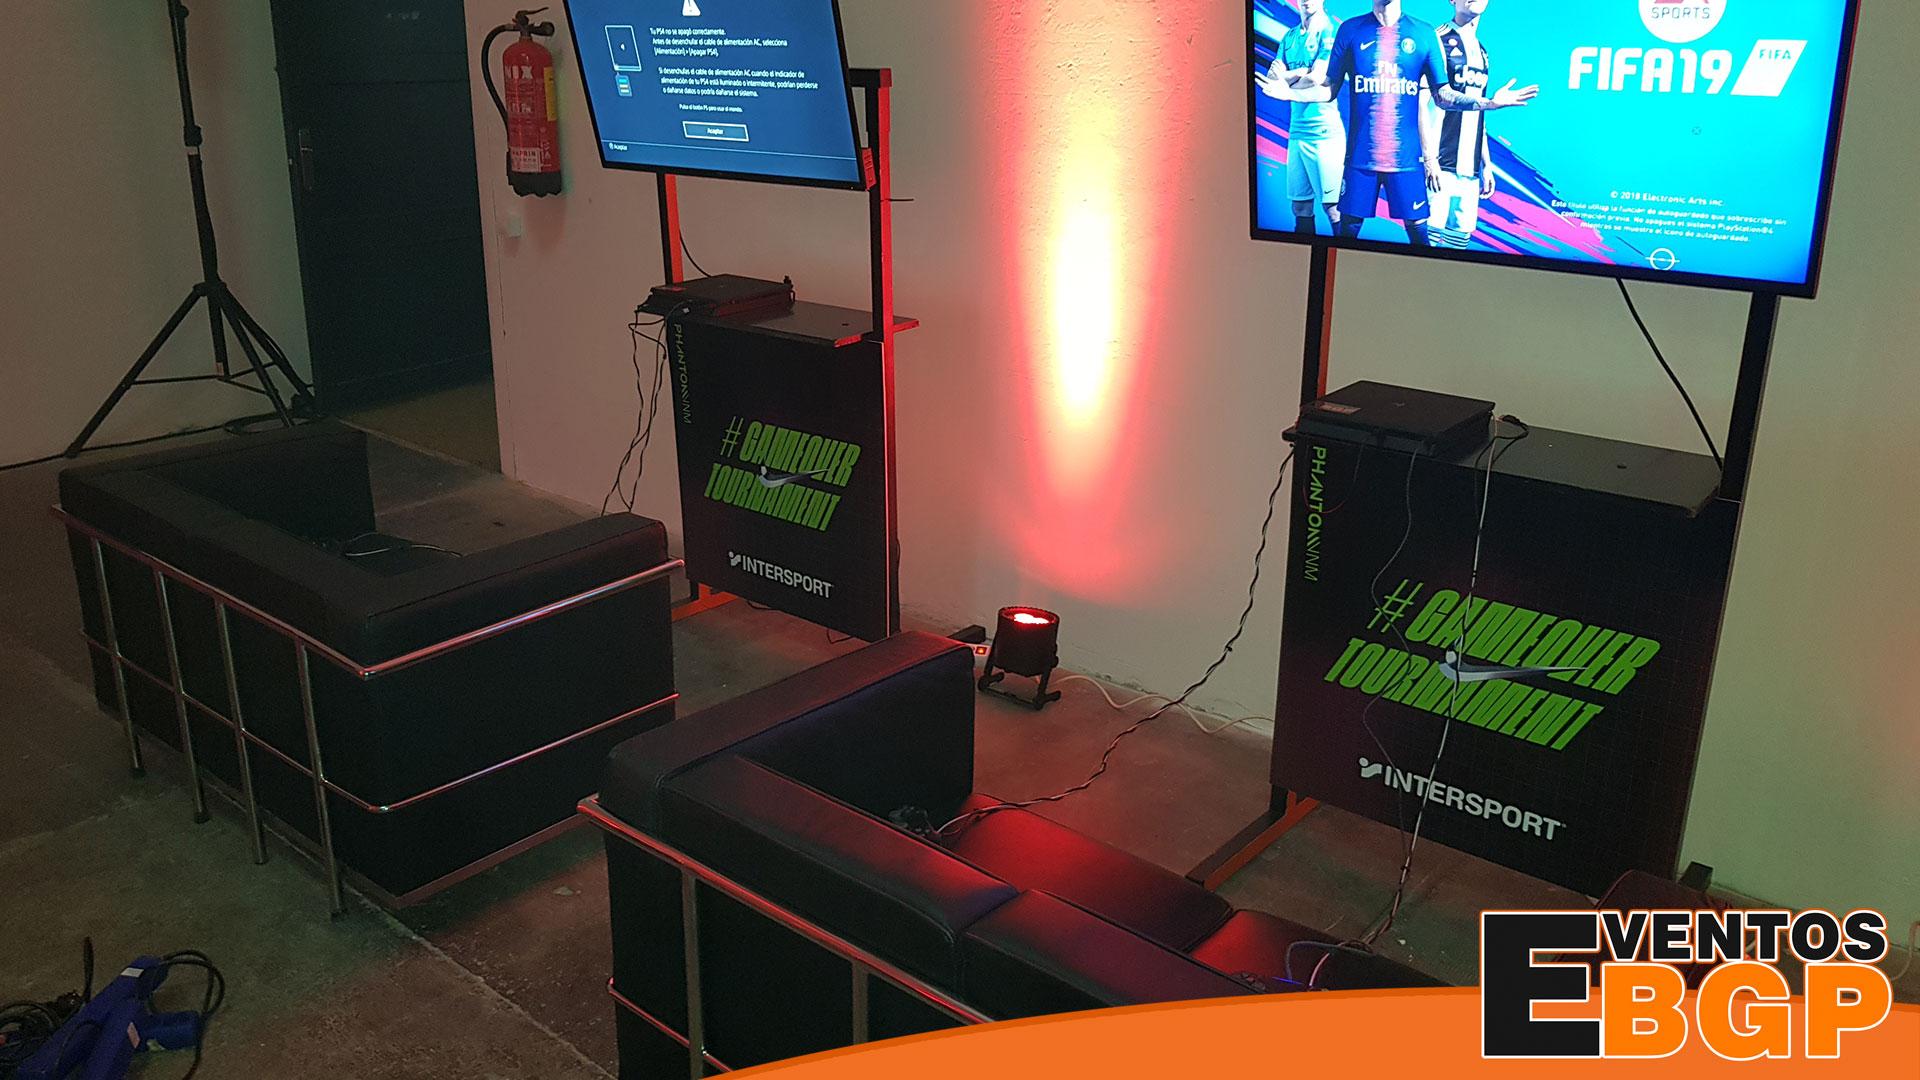 Videojuegos y futbol con Intersport y Nike gracias a TRO y Eventos BGP